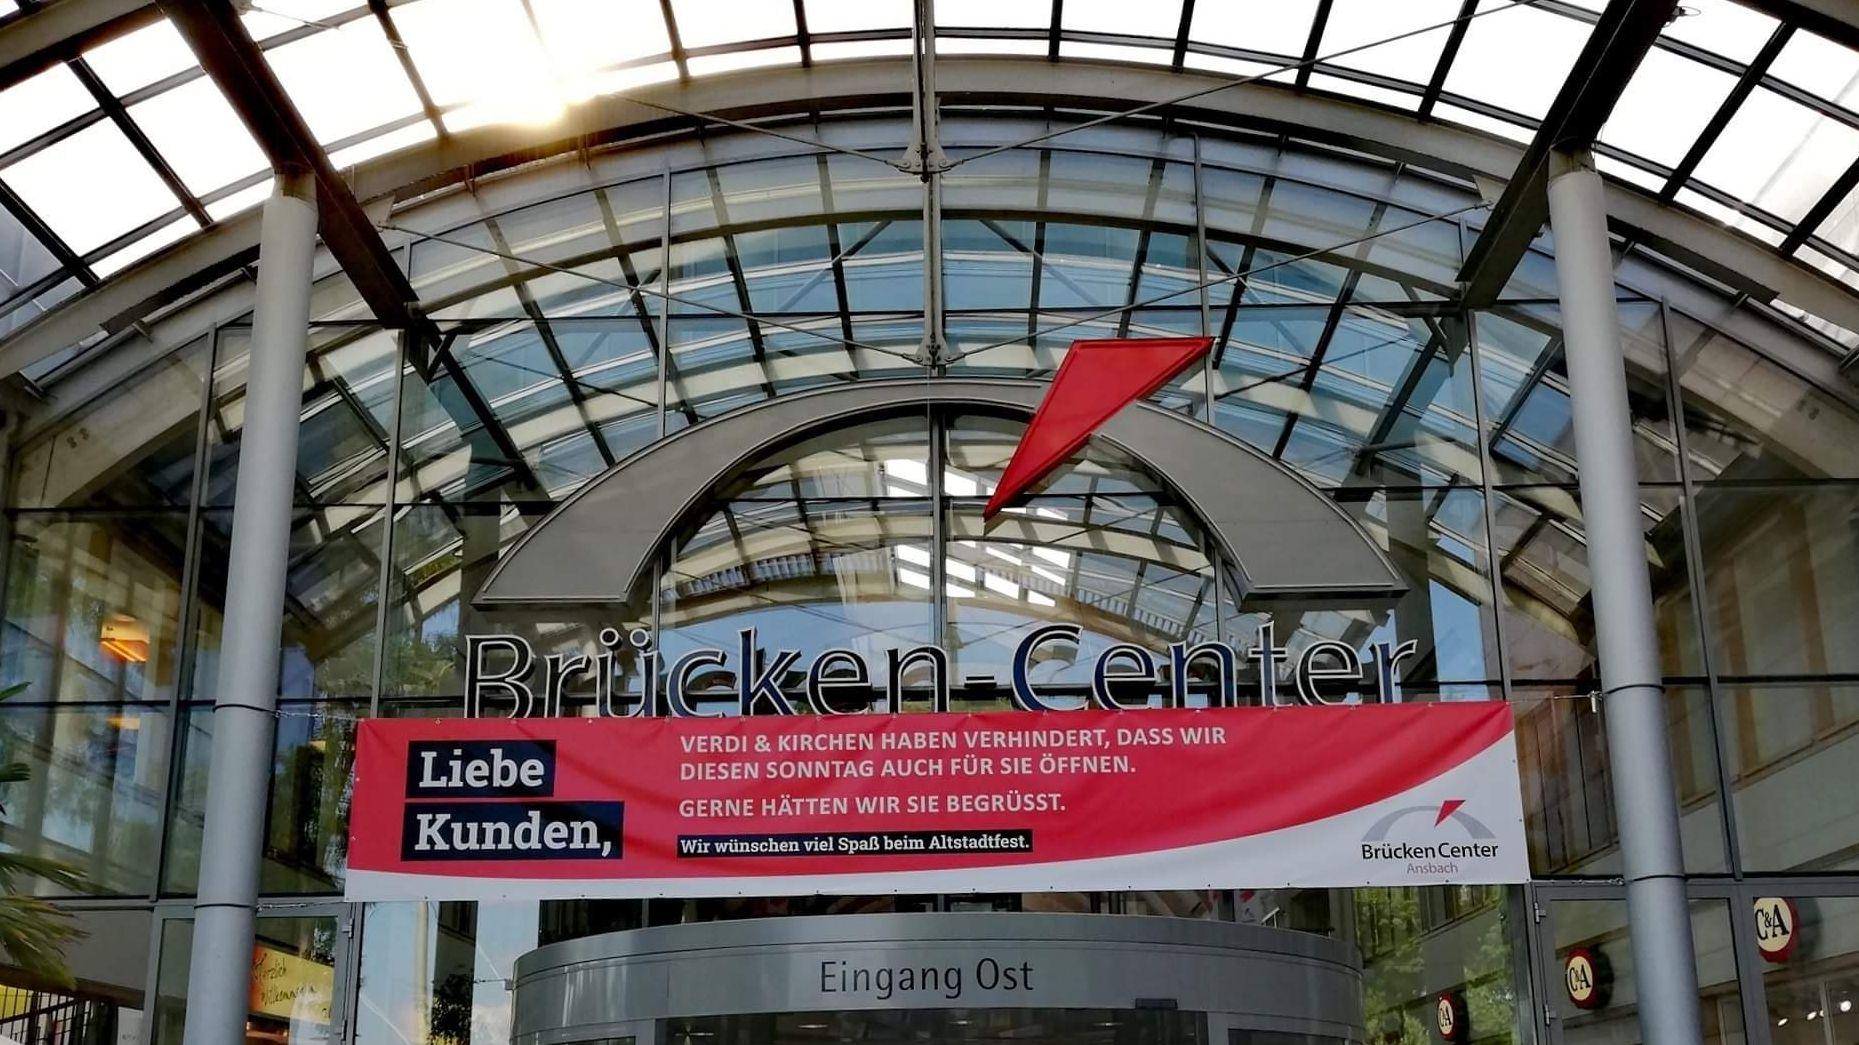 Plakat am Eingang des Brücken-Centers in Ansbach